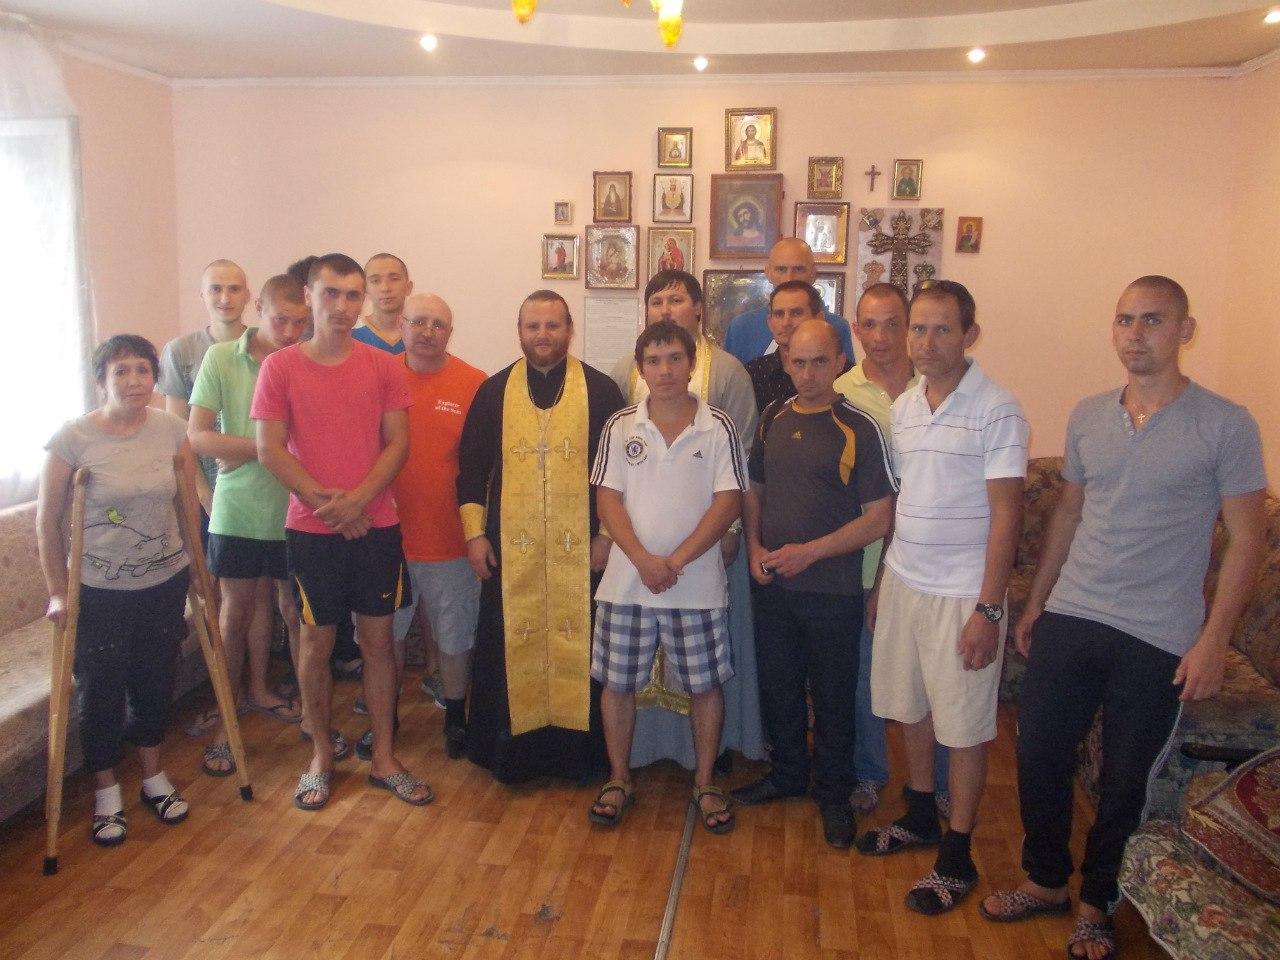 Реабилитация в монастыре для наркоманов лечение алкоголизма в Москве юнгородок